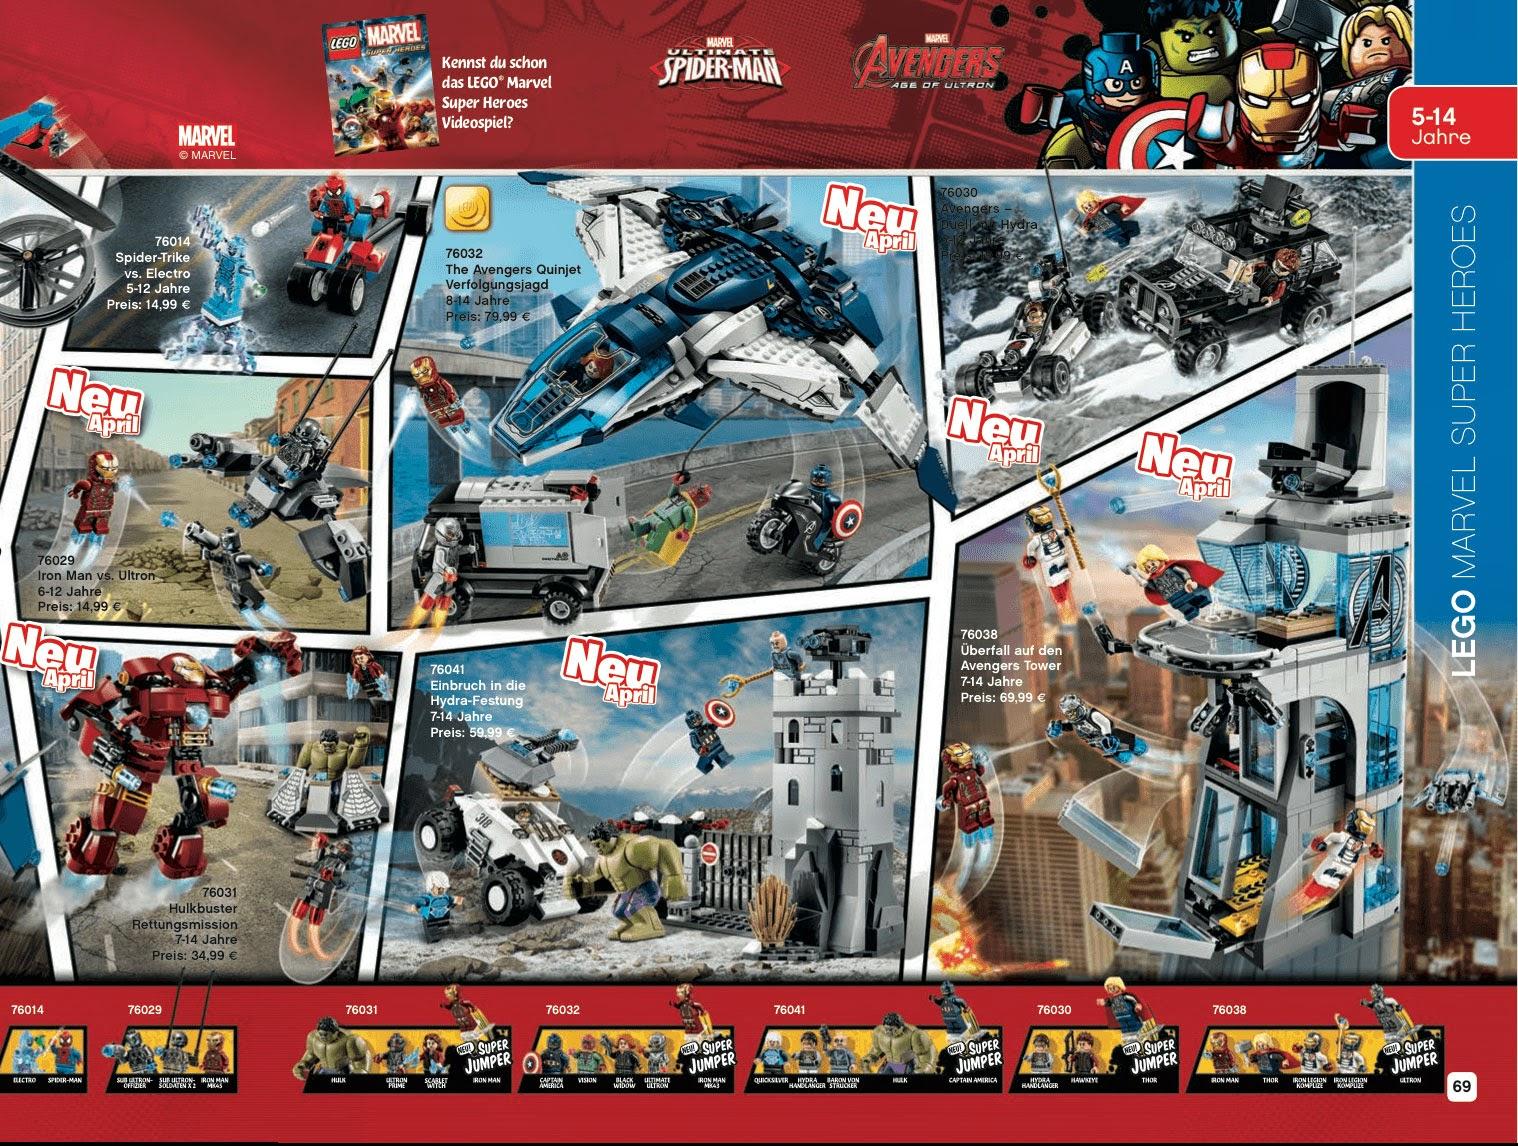 TekSushi™: LEGO The Avengers Age Of Ultron Images Revaled In